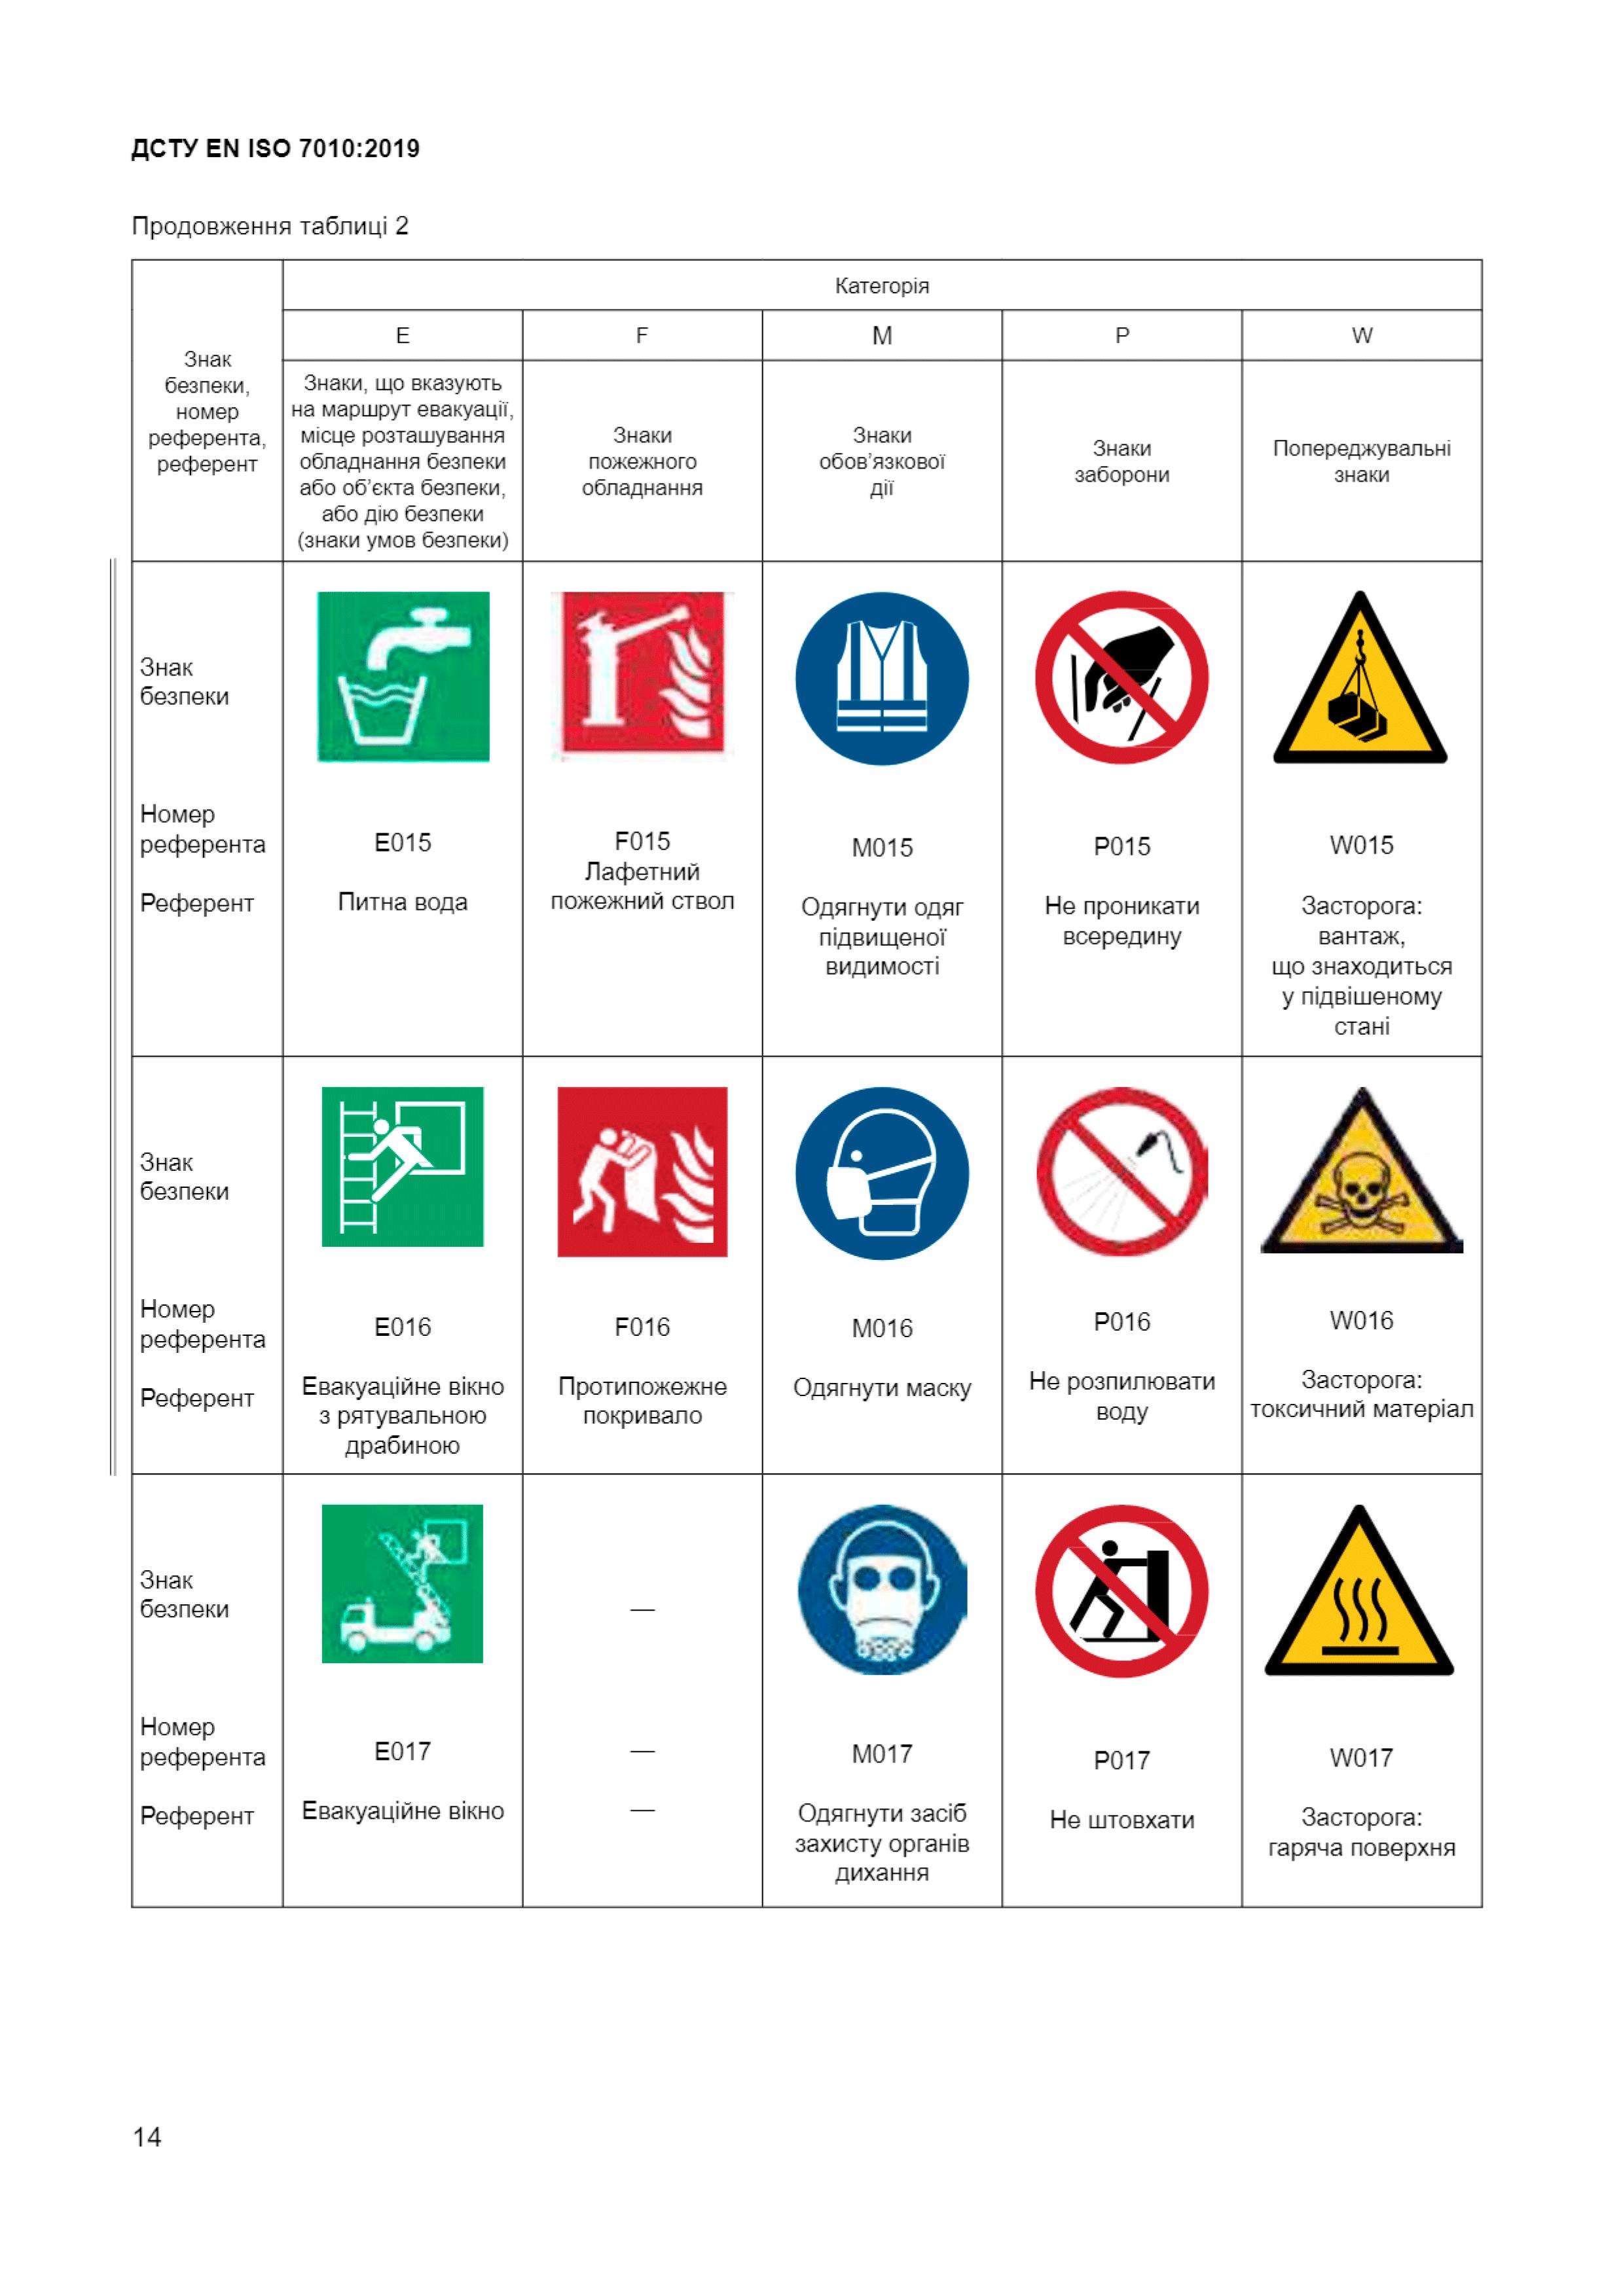 Звід-усіх-знакків-безпеки-6-ДСТУ-ЕN-ІSО-7010-2019-Техноспектр-Сервіс